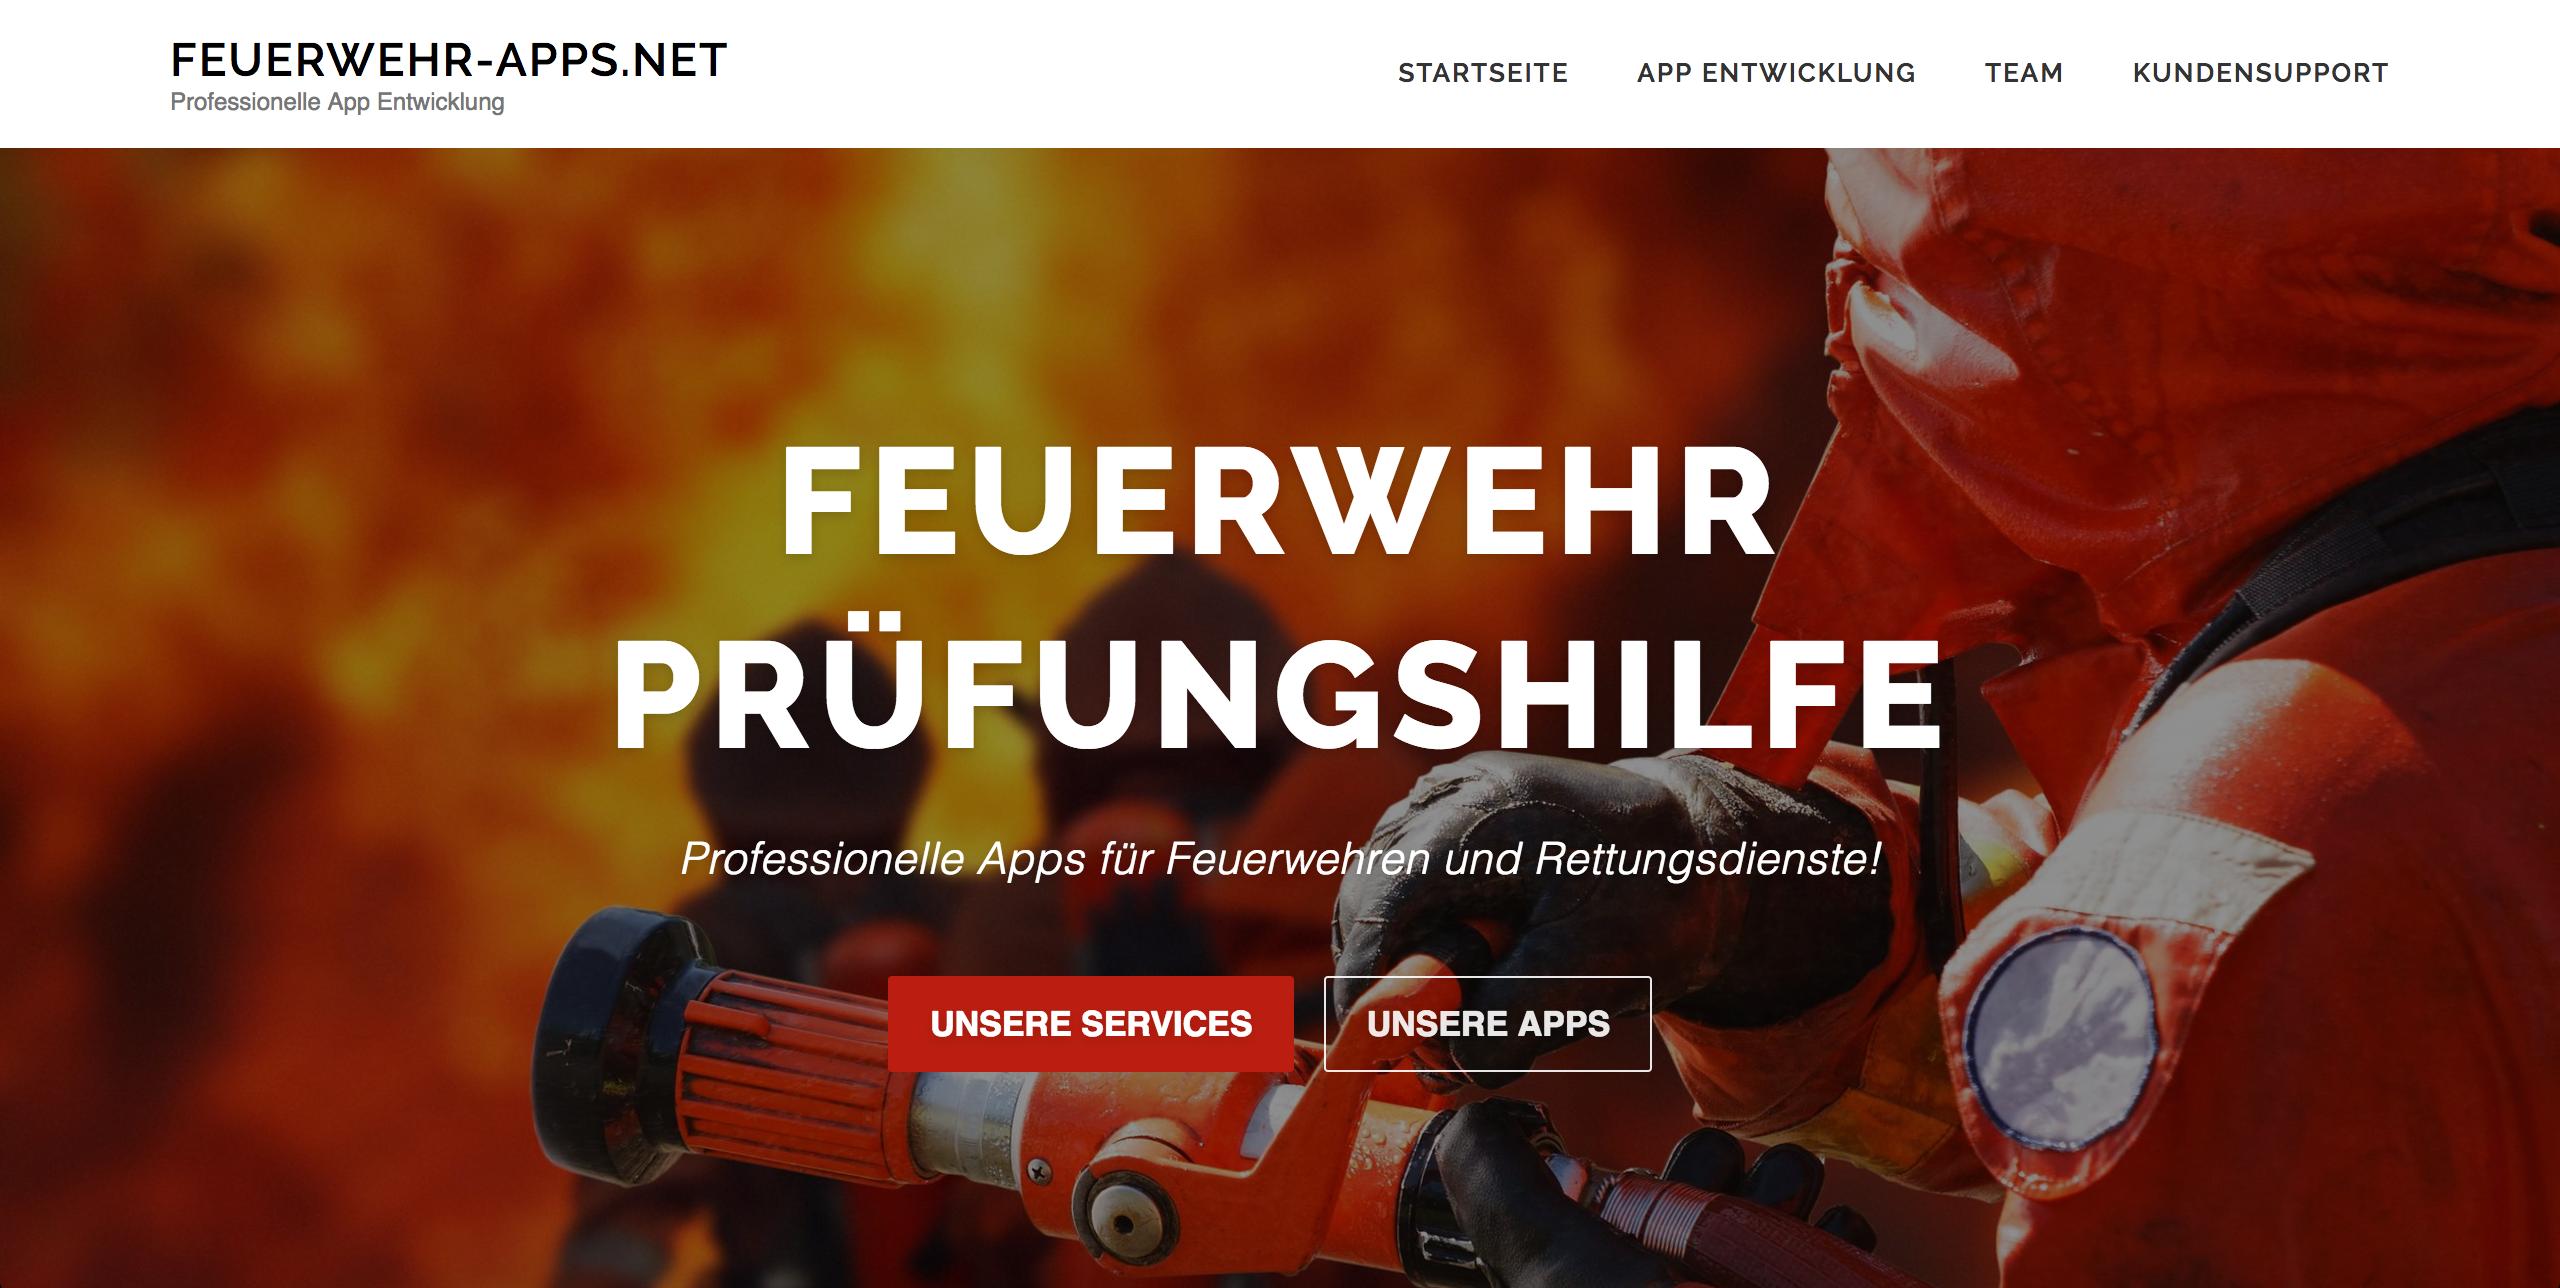 Feuerwehr-Apps